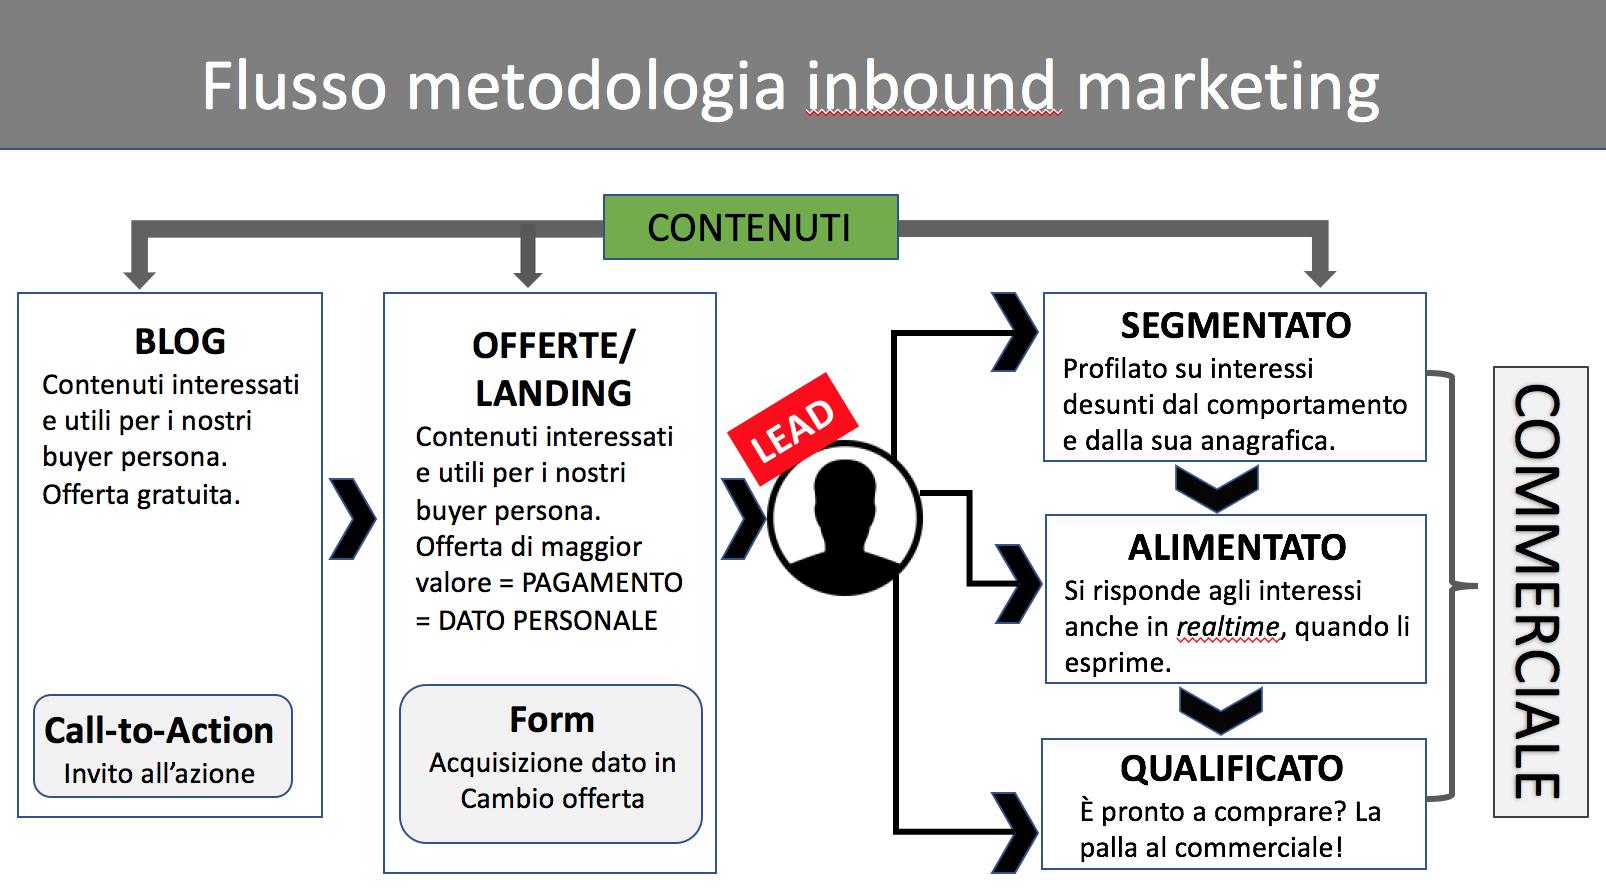 metodologia inbound marketing flusso